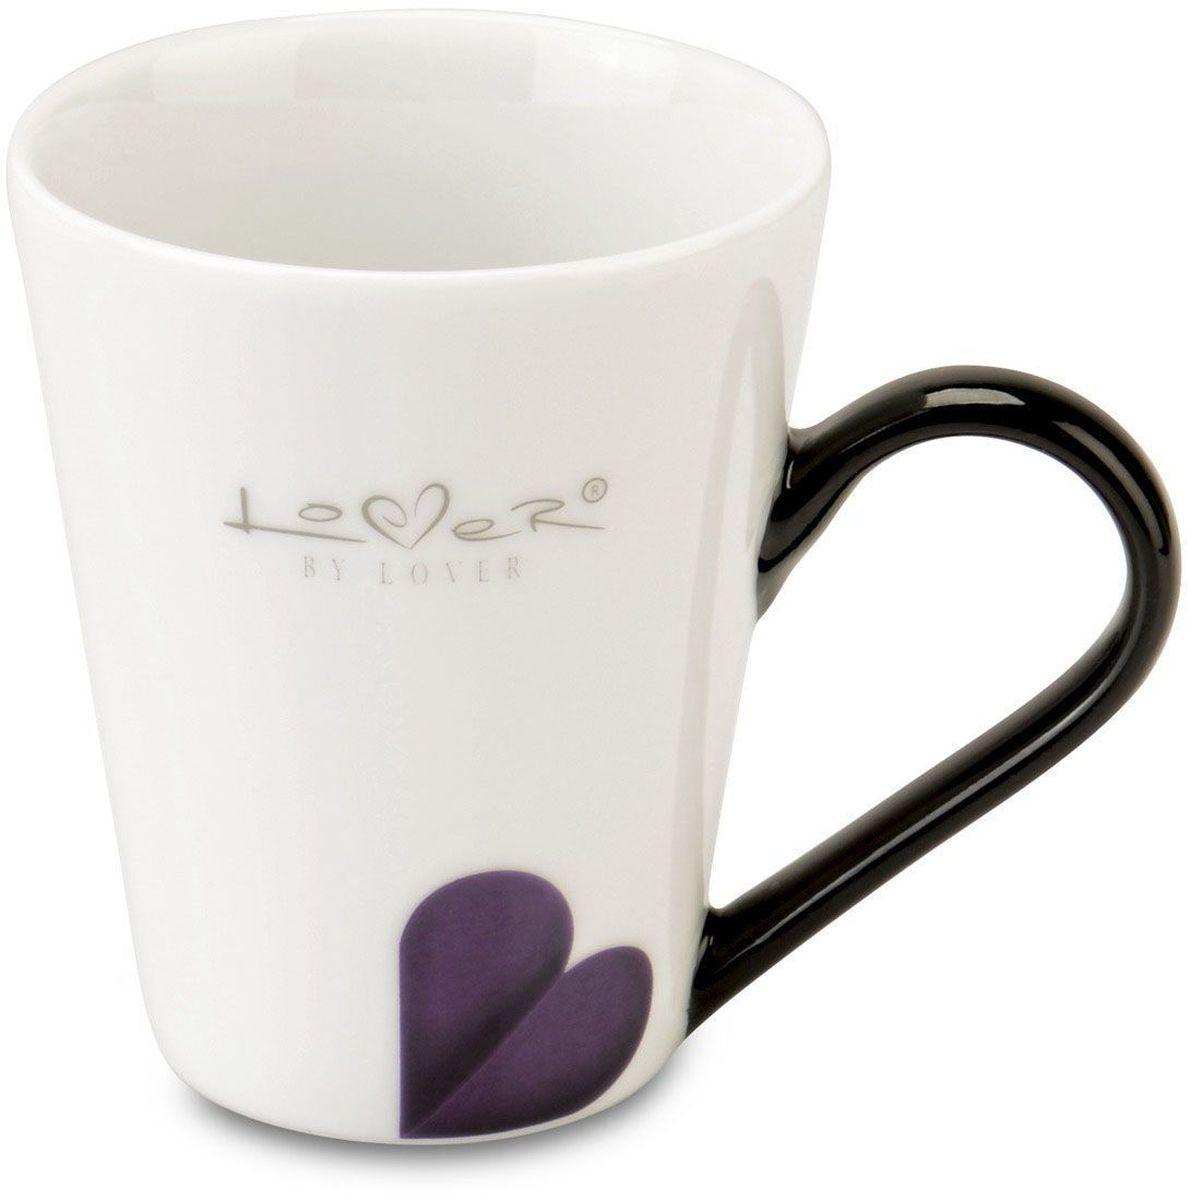 Набор кружек BergHOFF Lover by Lover, 250 мл, 2 шт кружки из императорского фарфора купить в спб